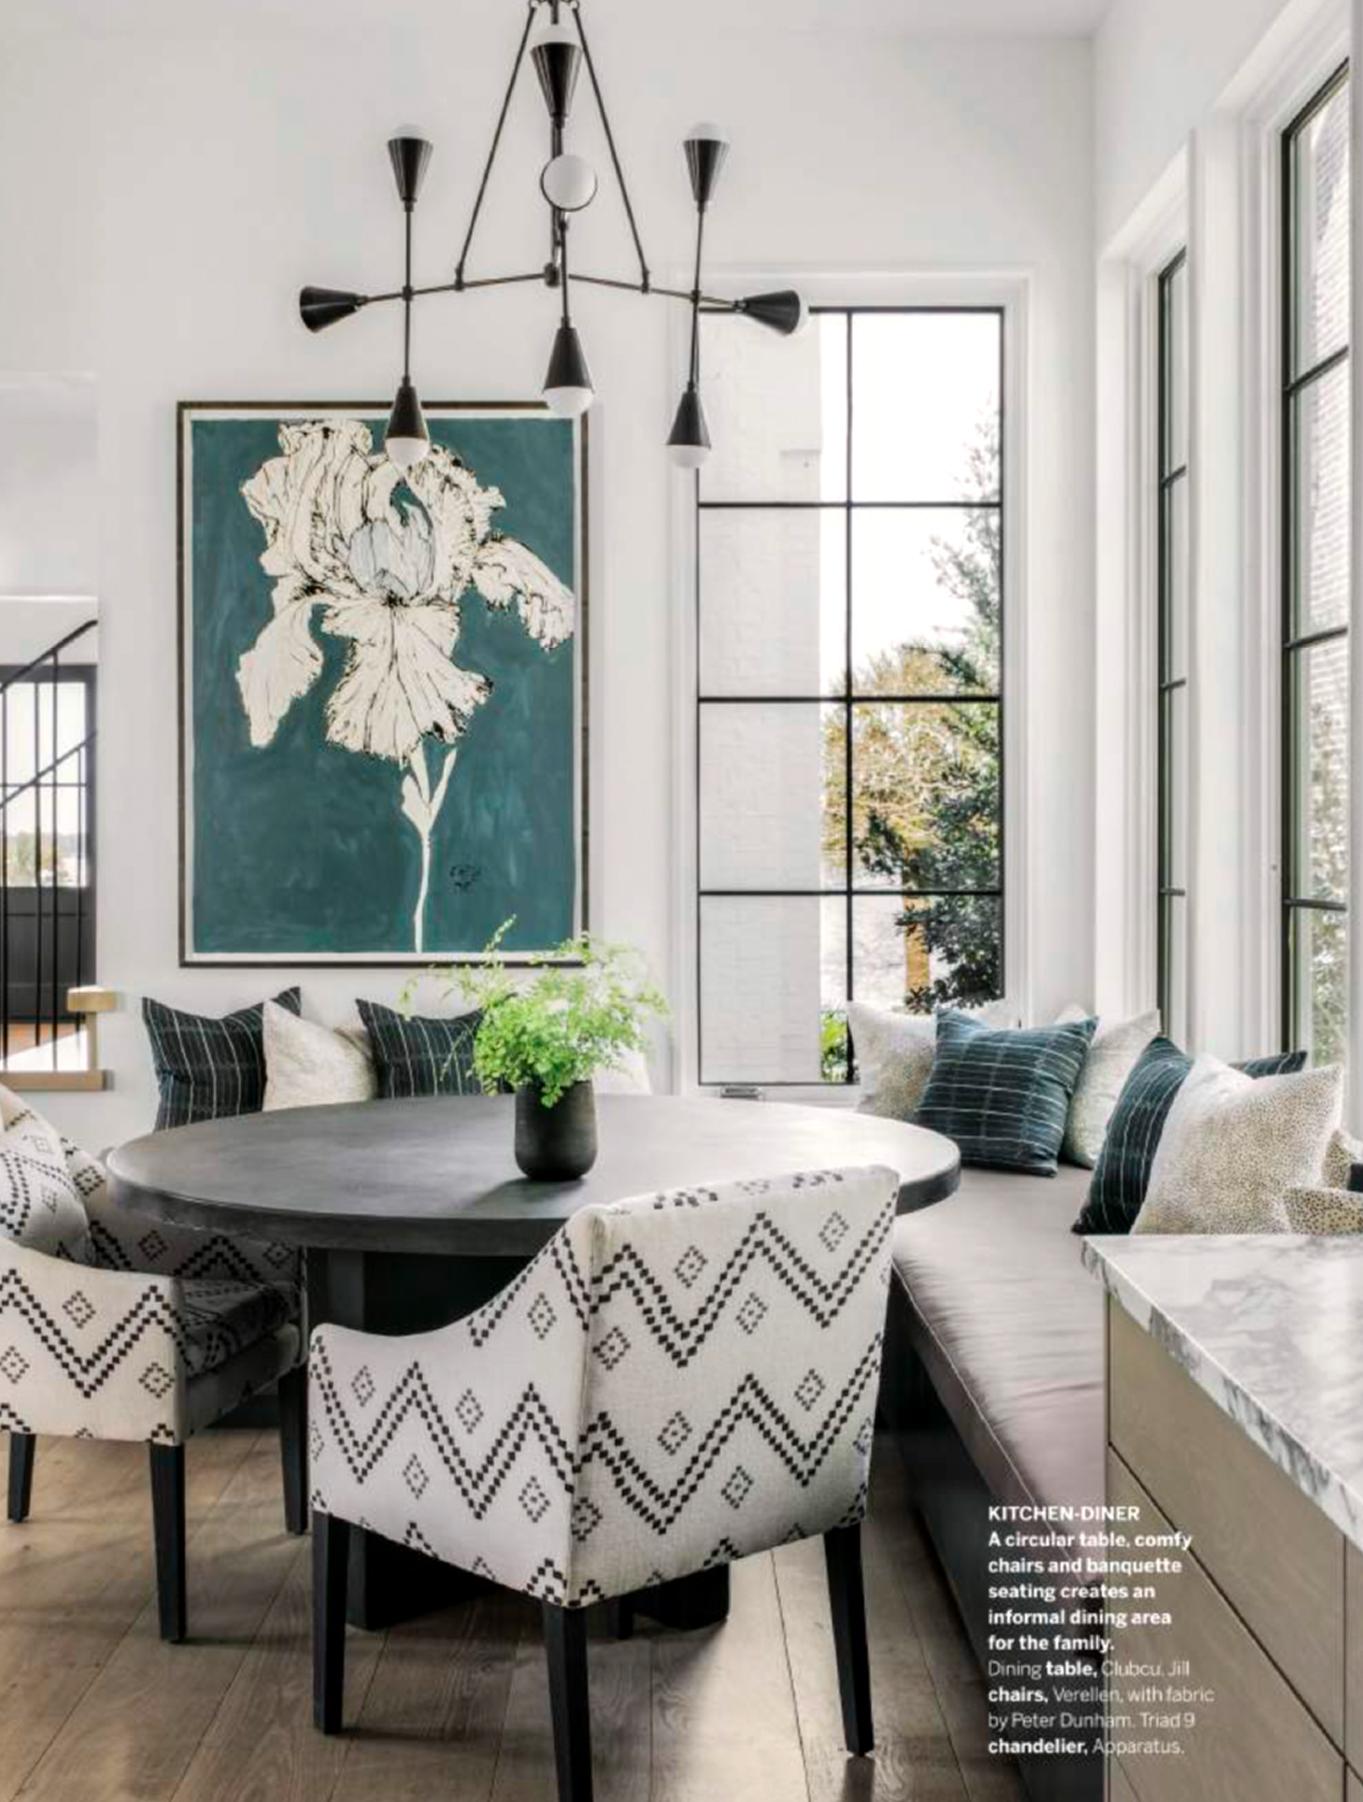 ClayMcLaurinStudio_Homes&Garden1.jpg